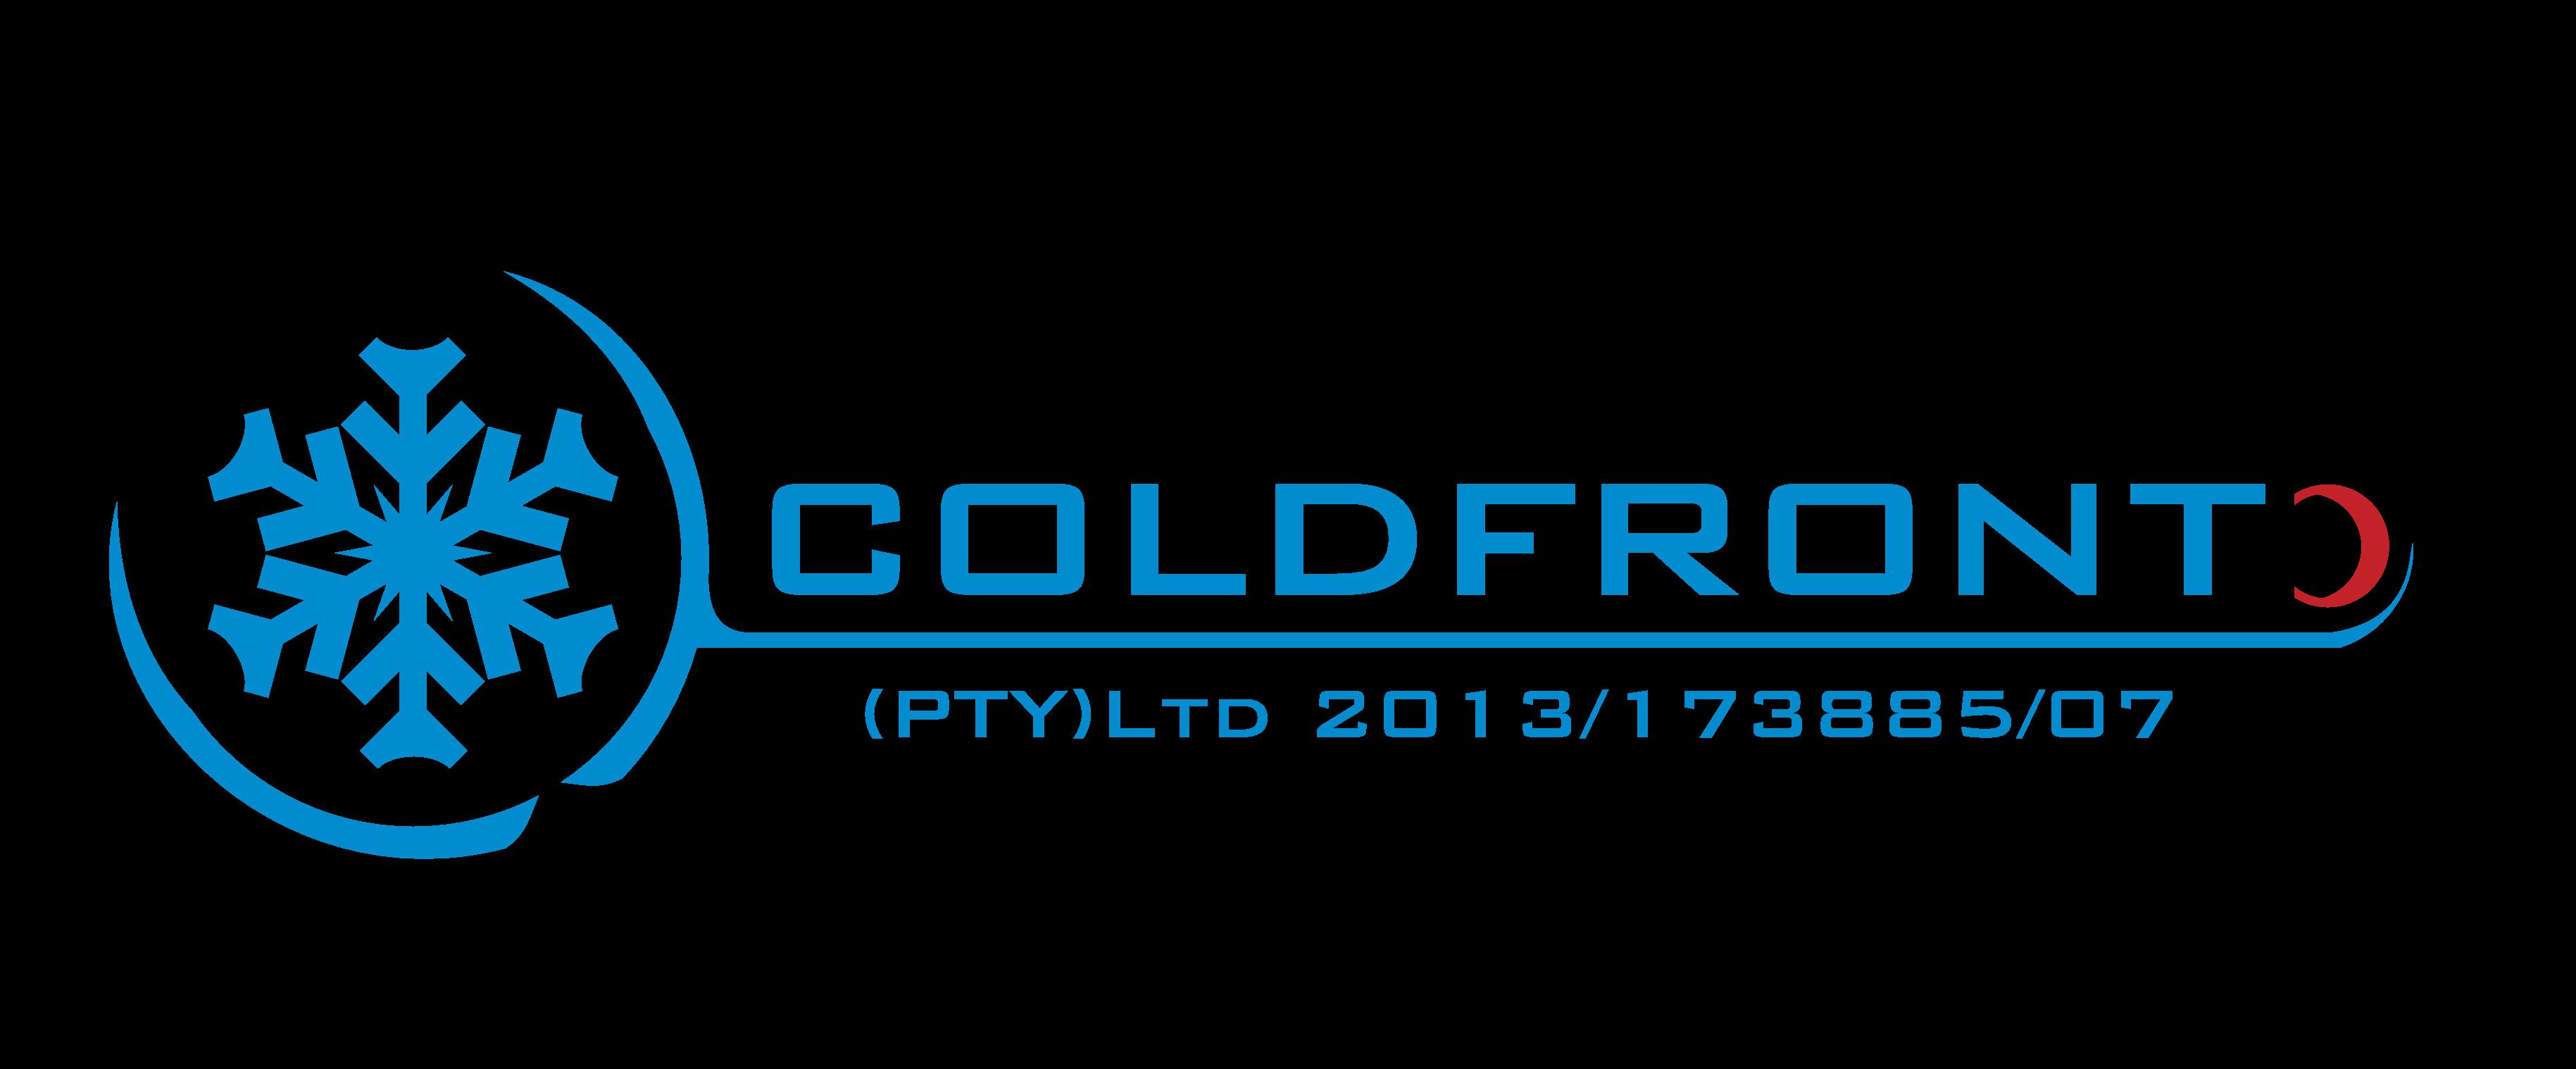 Coldfront